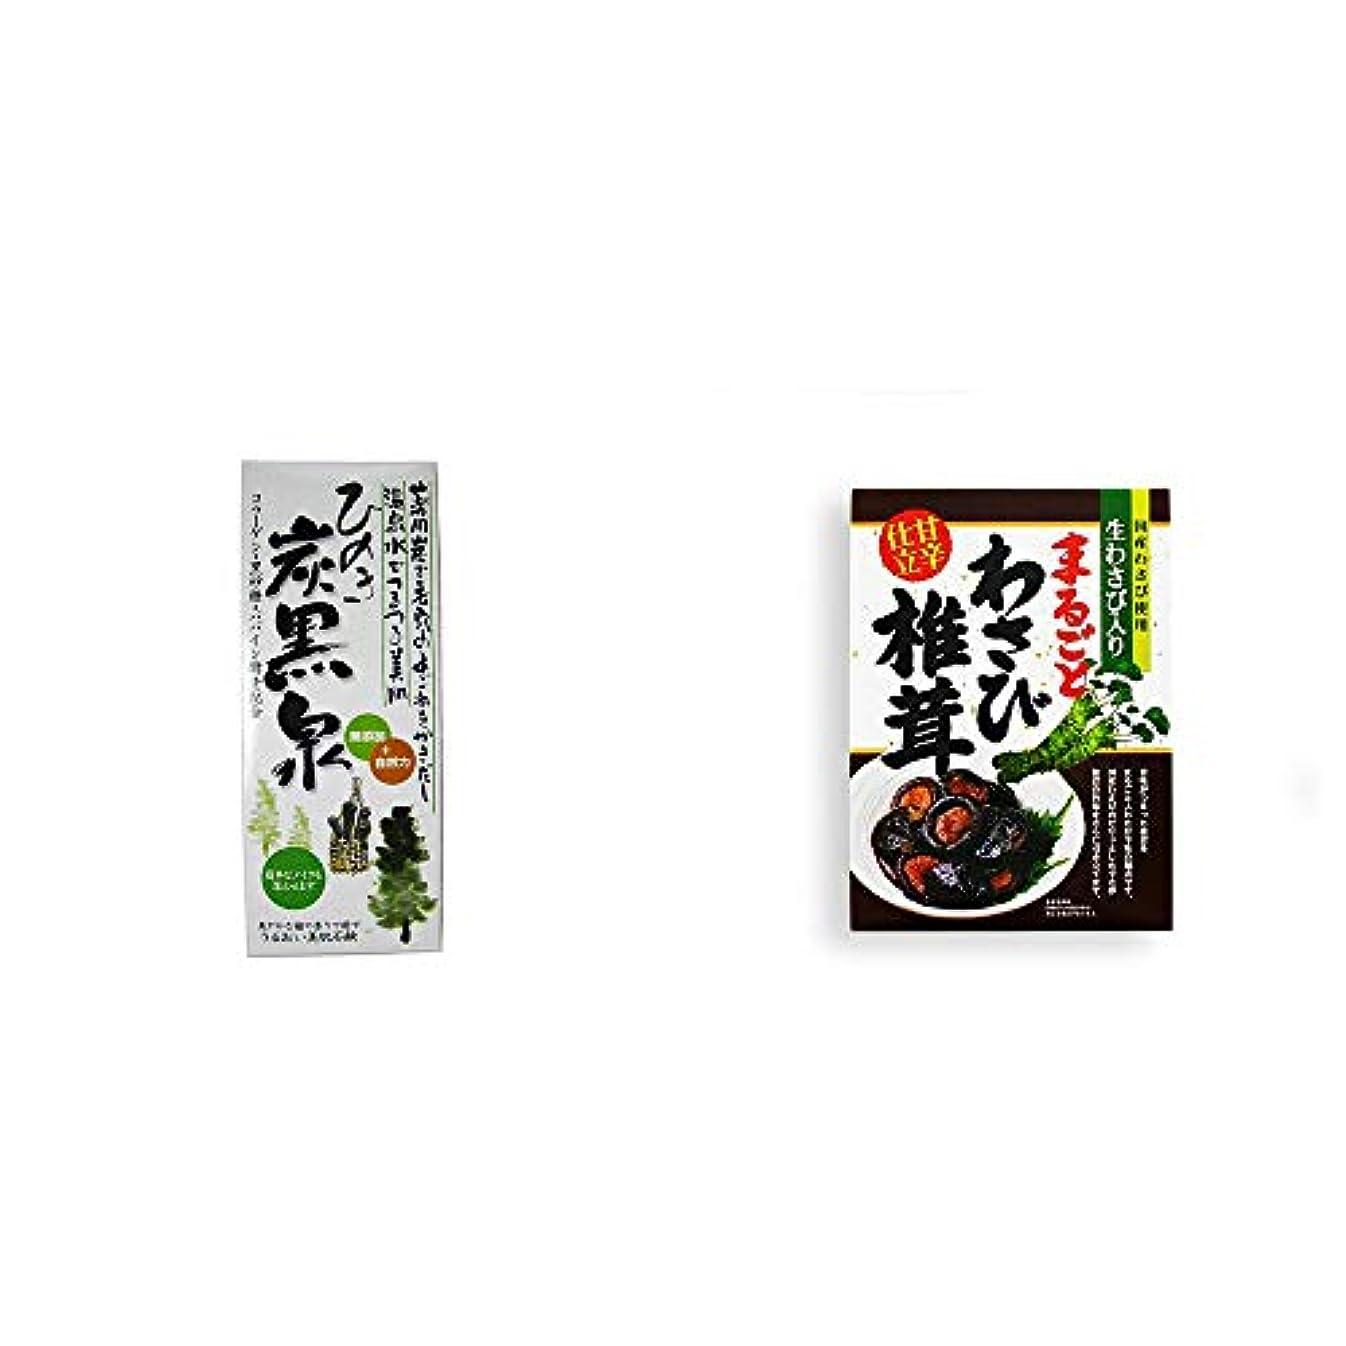 ライターいつか意志[2点セット] ひのき炭黒泉 箱入り(75g×3)?まるごとわさび椎茸(200g)